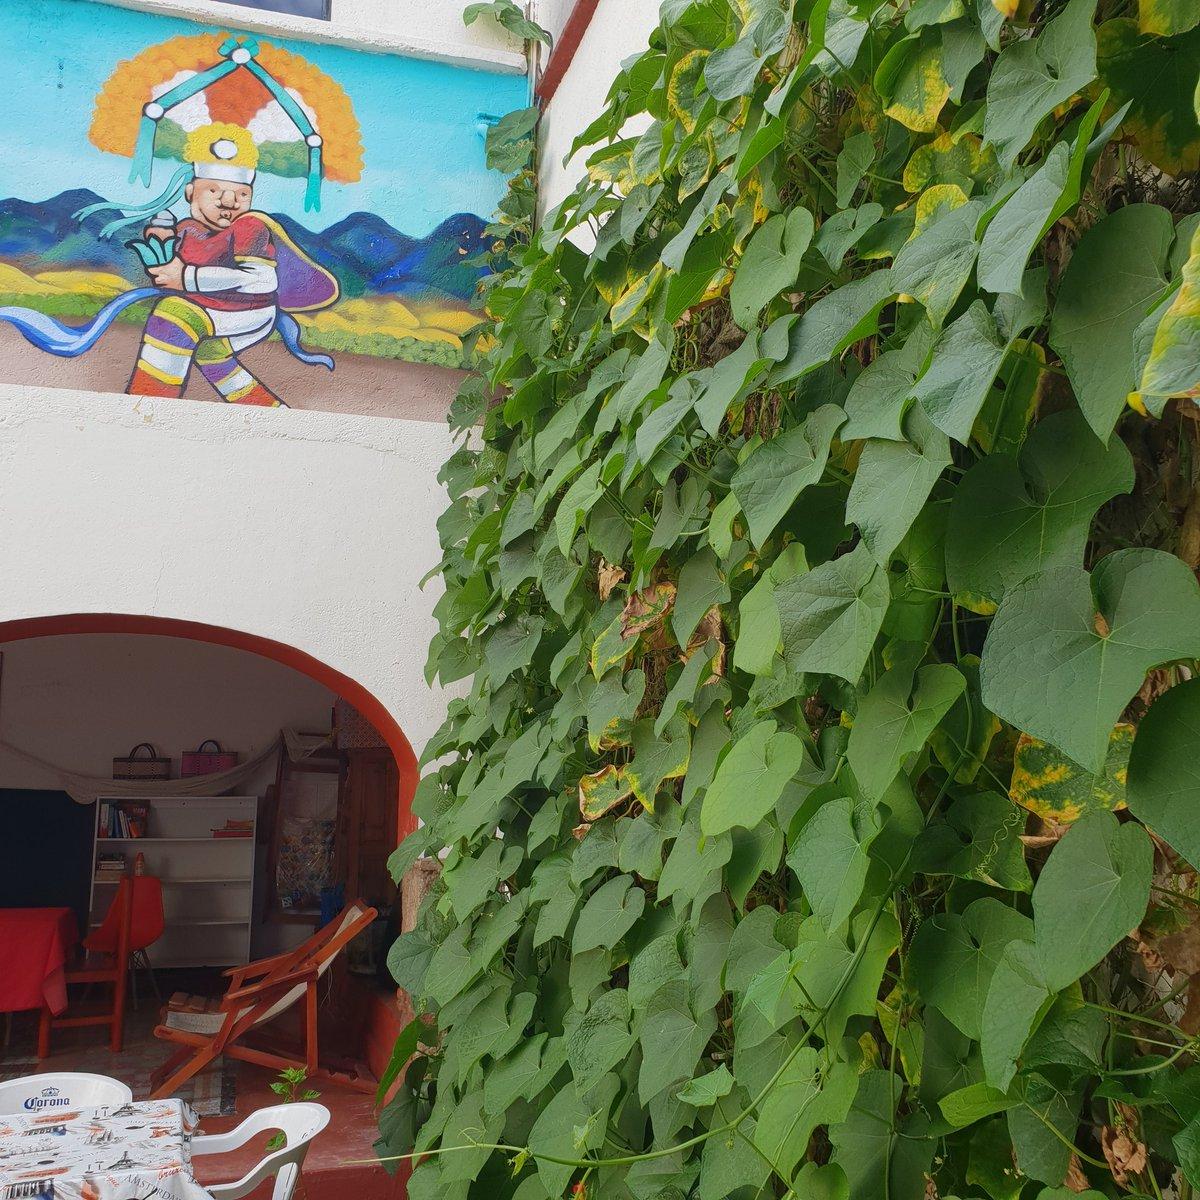 Nuestra planta de #chayotes creciendo ¡Te esperamos pronto! Our chayote plant growing We wait for you soon! Hostal el cielo #squash #vacaciones #hollyday #oaxaca #mexico #pool #alberca #hostal #hostel #centro #downtown #diversion #funny #fun #visitoaxaca #venaoaxaca #viaje #trip https://t.co/Di0DUsx2hr